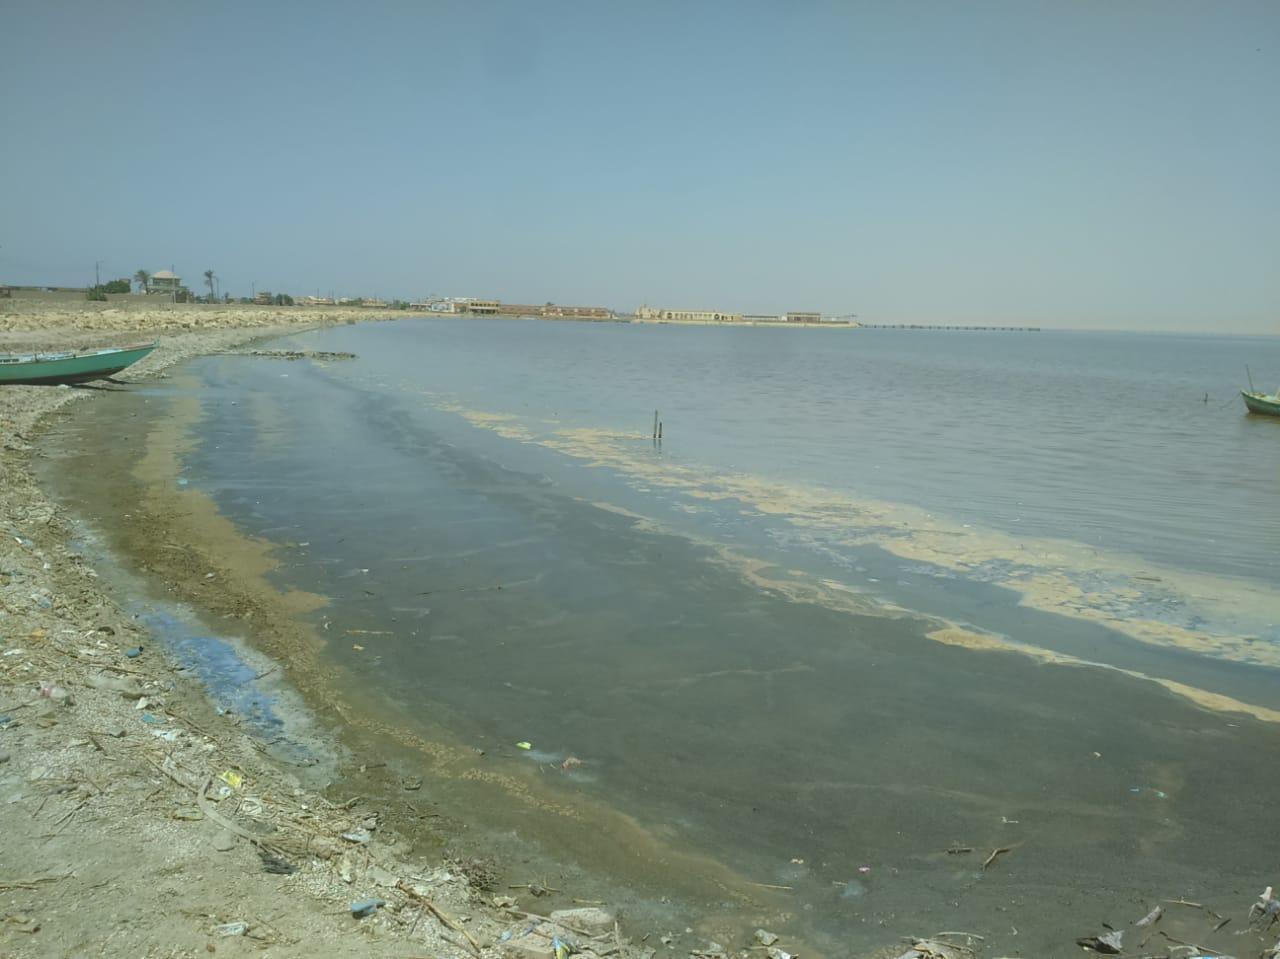 بشعار التغلب علي التلوث البلاستيكي إنطلاق فاعلية شباب بتحب مصر للاحتفال باليوم العالمي للبيئة (4)